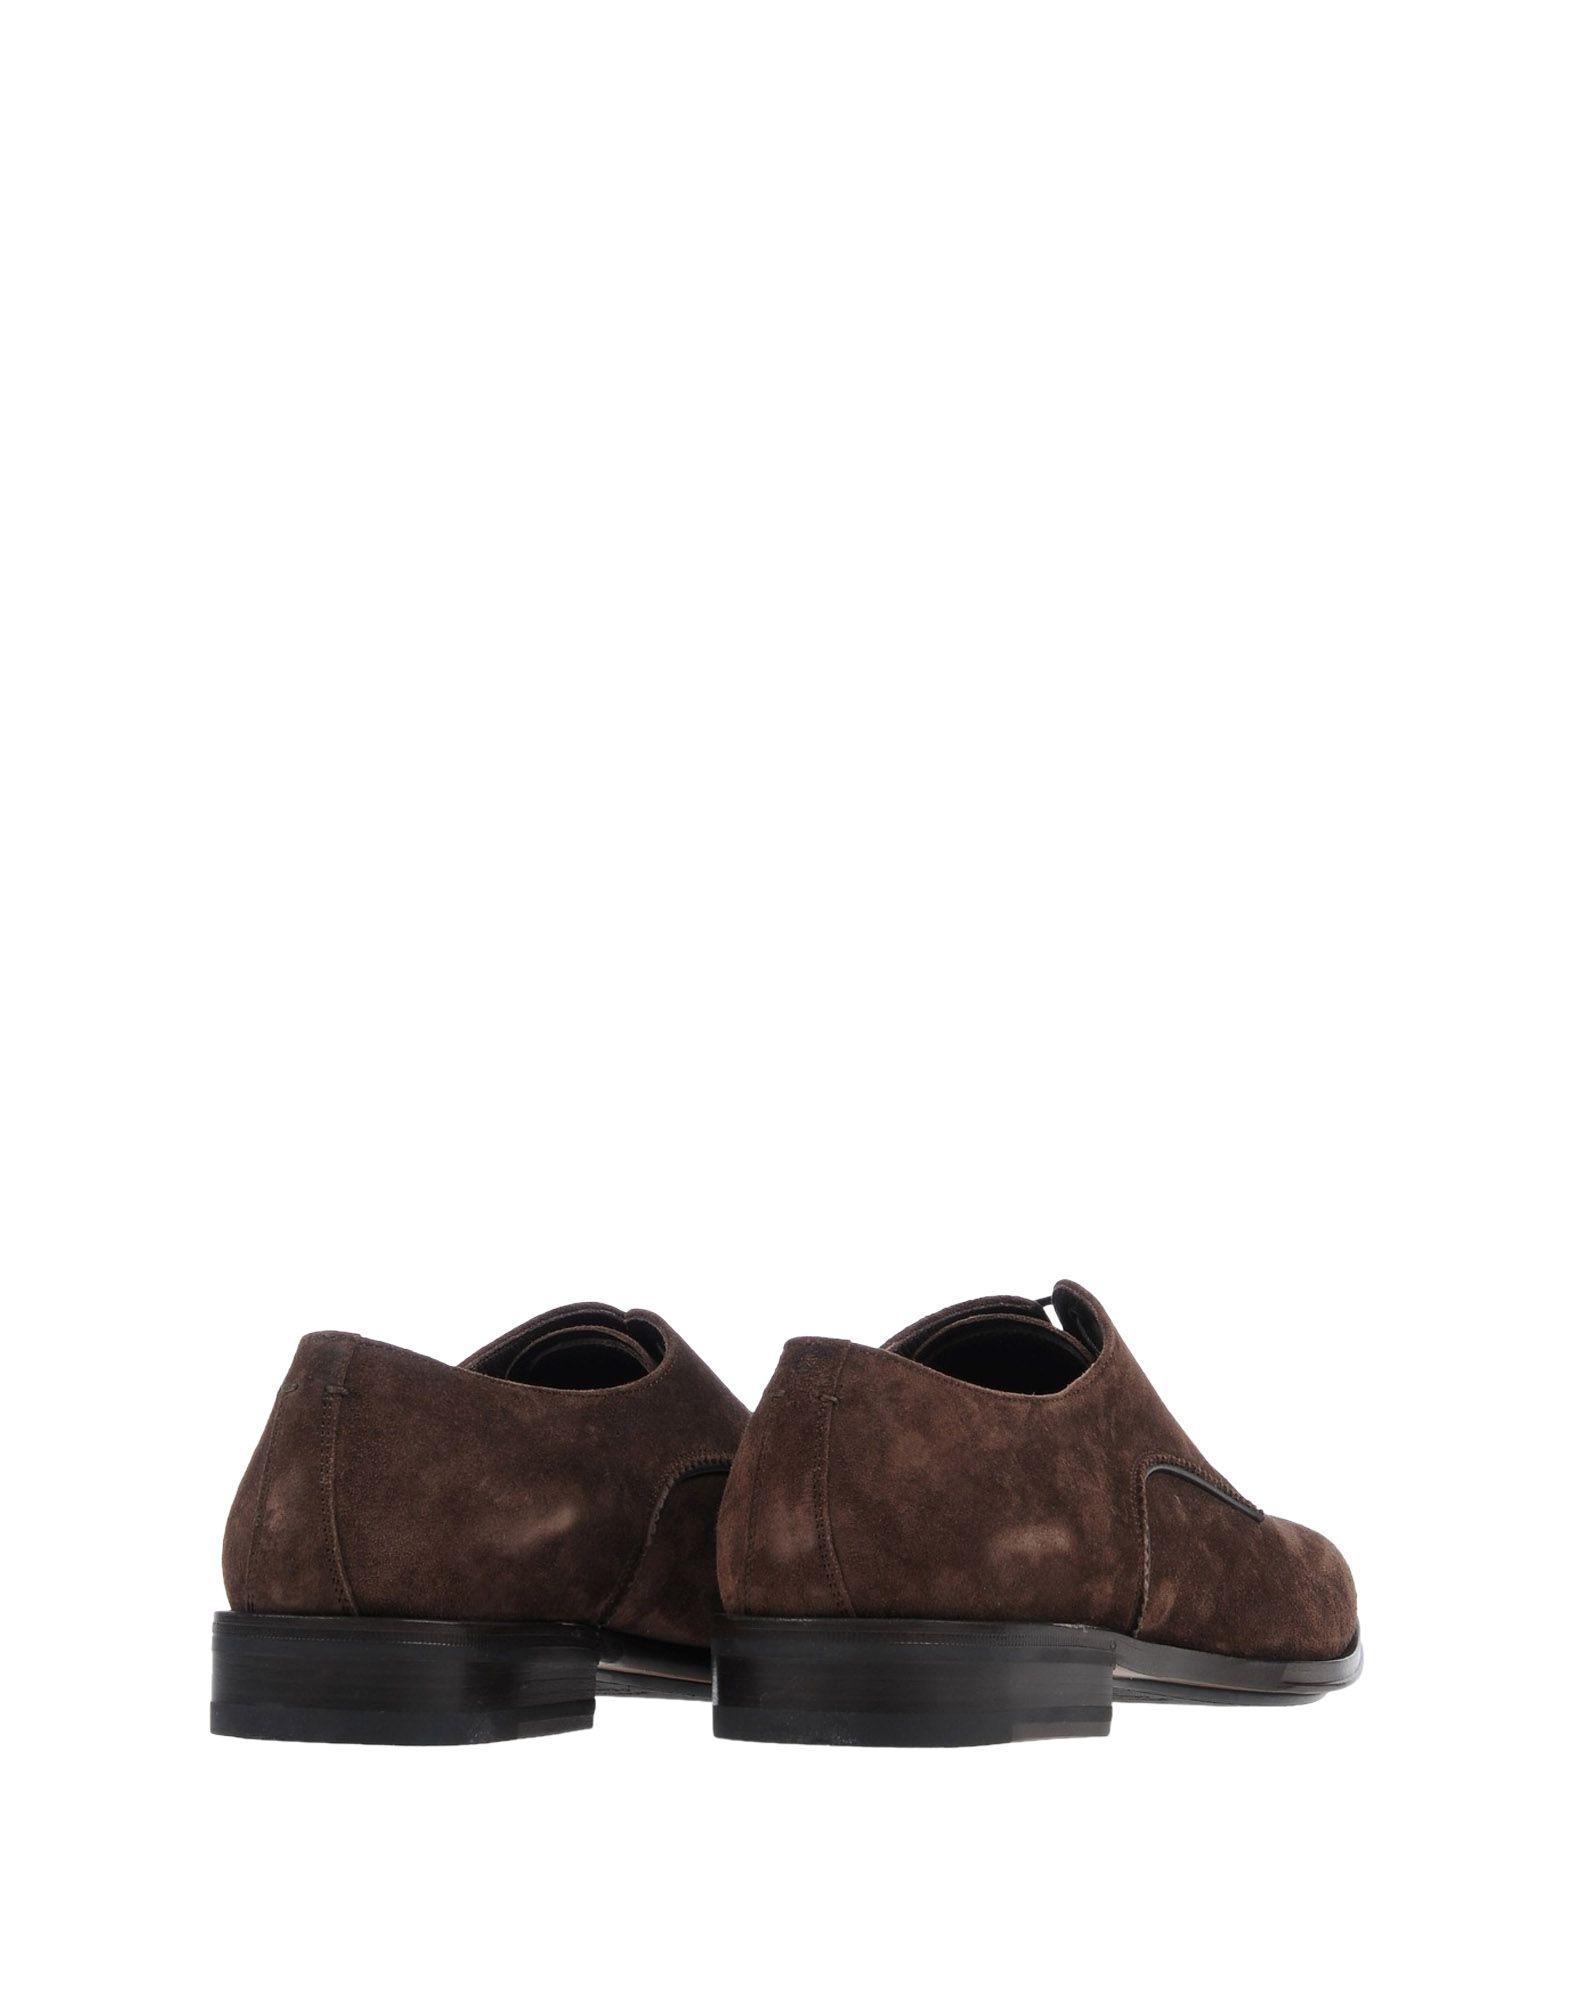 Salvatore Ferragamo Schnürschuhe Herren  11494994IX Gute Qualität beliebte Schuhe